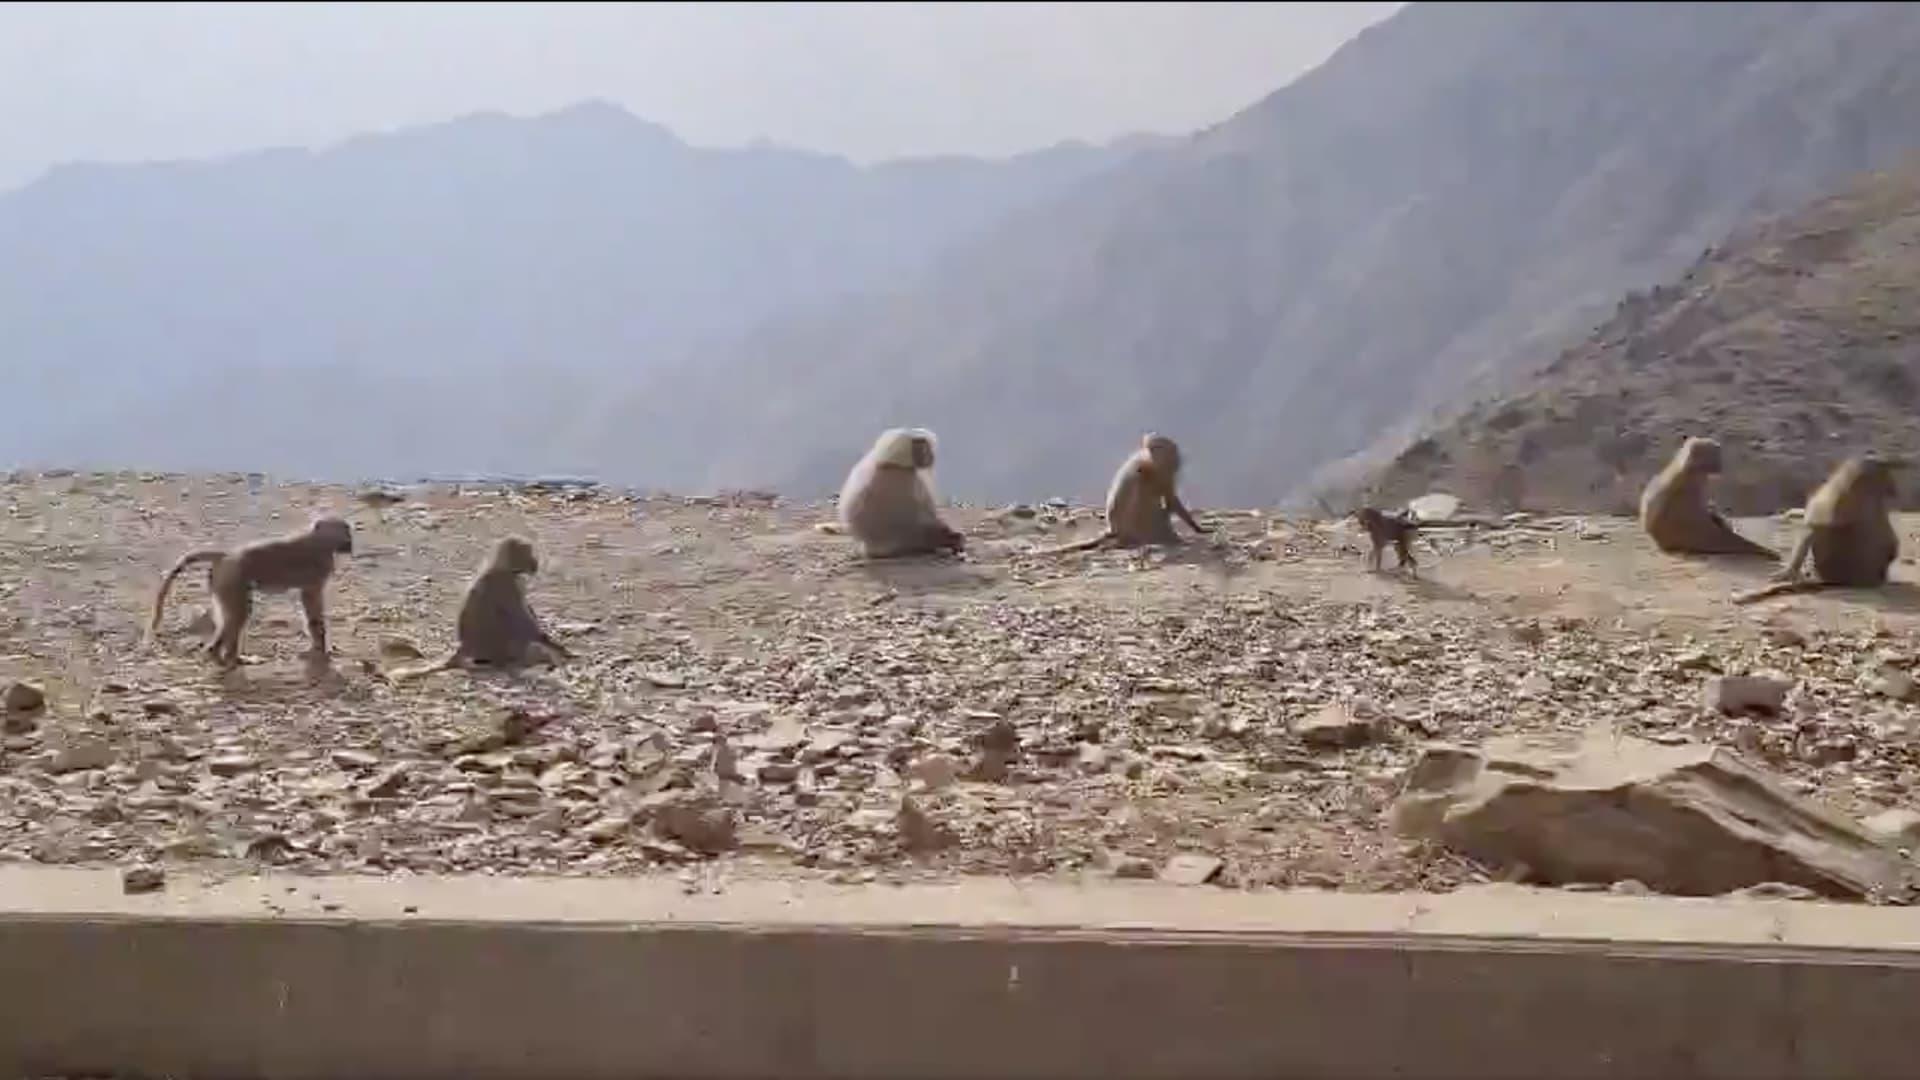 """خلال رحلة بالمملكة.. سفير فرنسا لدى السعودية يشارك فيديو لـ""""لقاء غير متوقع"""" مع قردة منطقة عسير"""